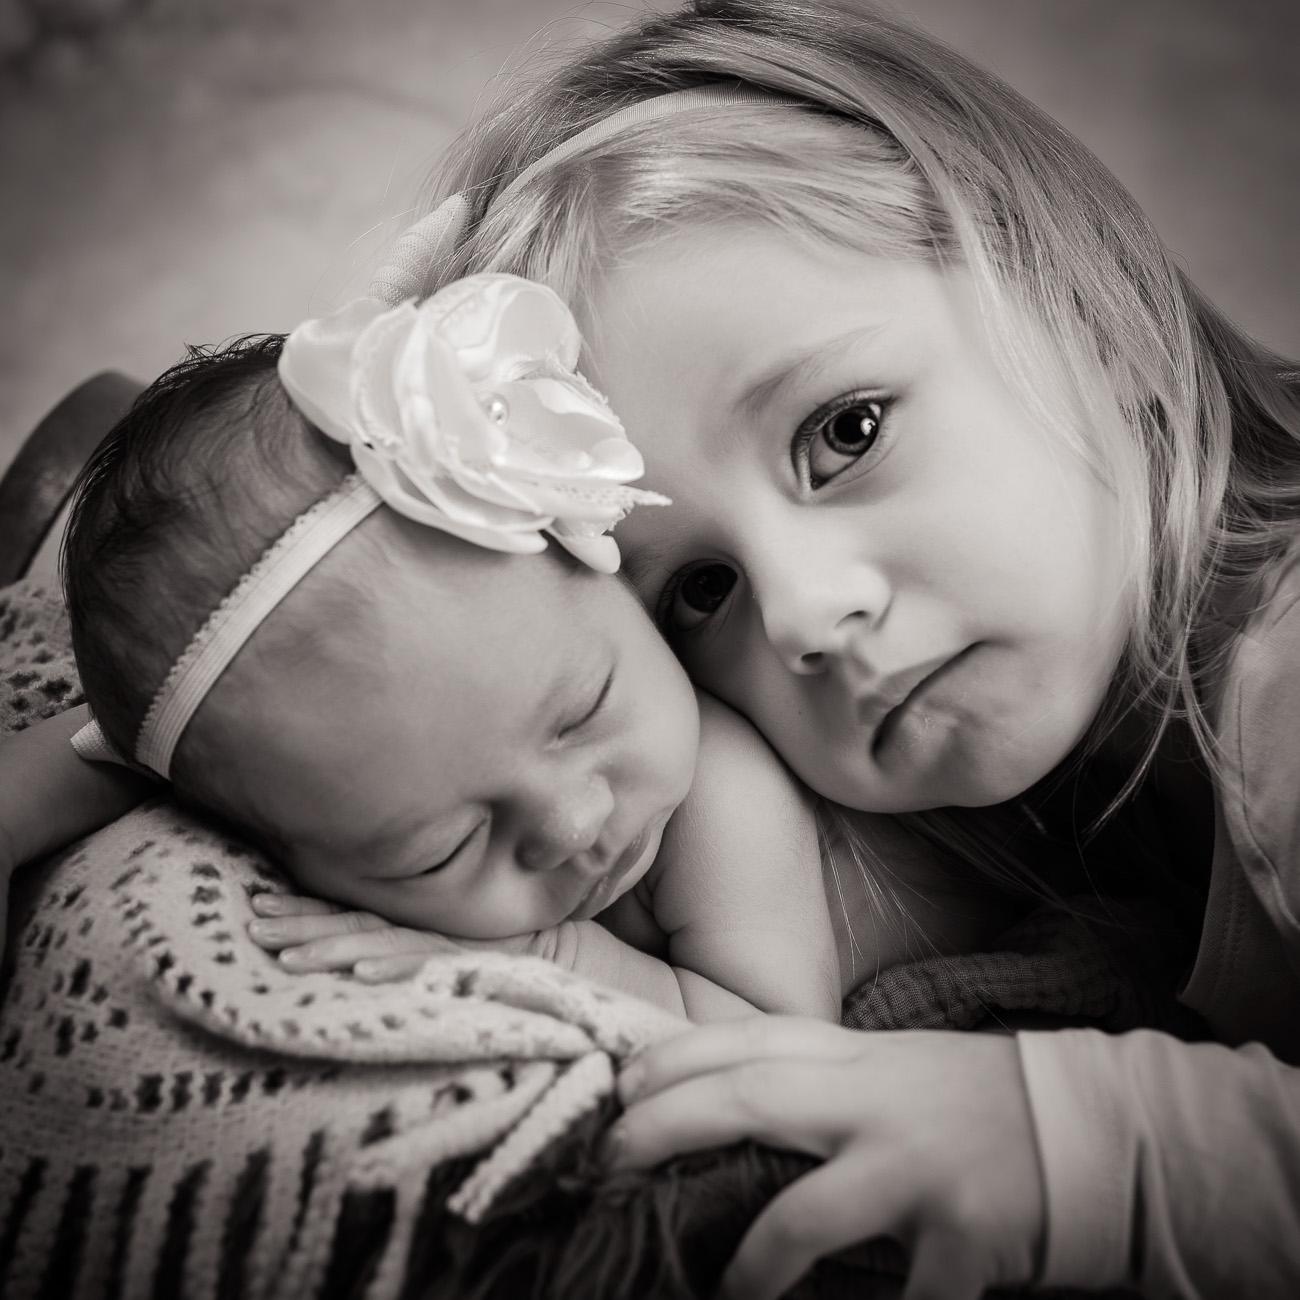 Traumkind Fotos Babyfotografie Essen 23 - Babyfotos